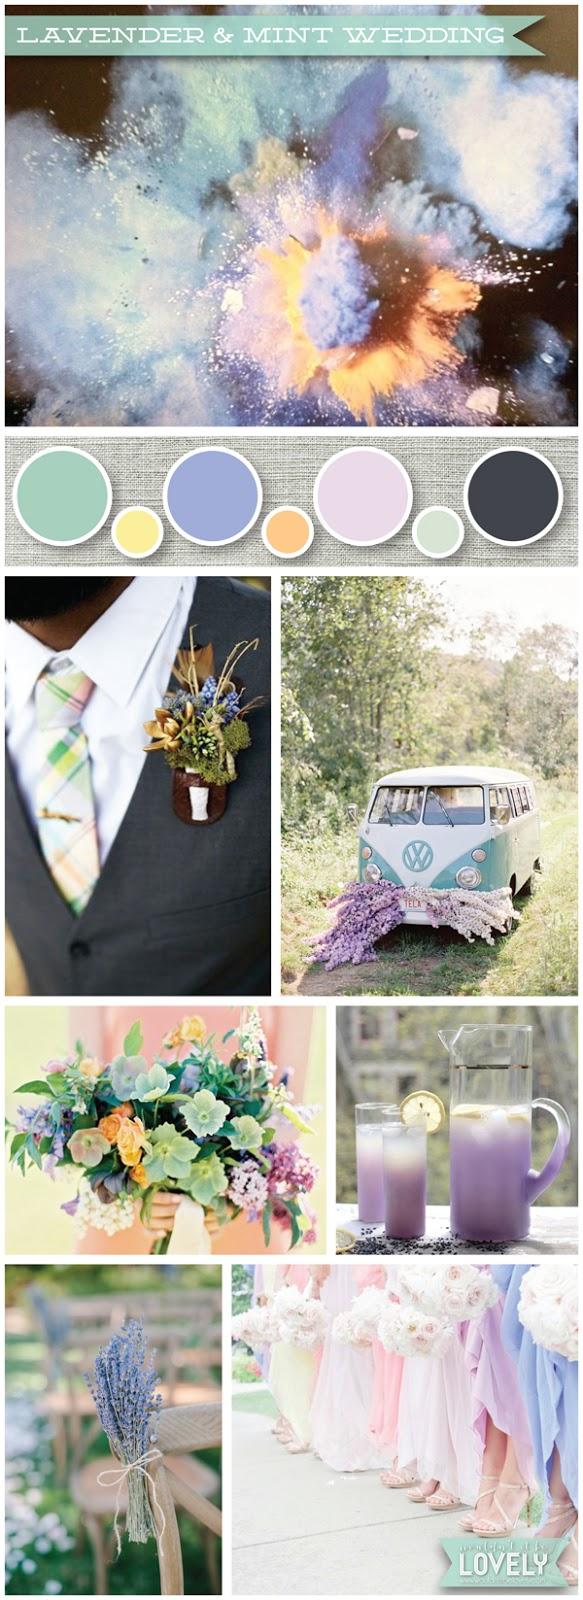 lavender+and+mint+color+pallet.jpg